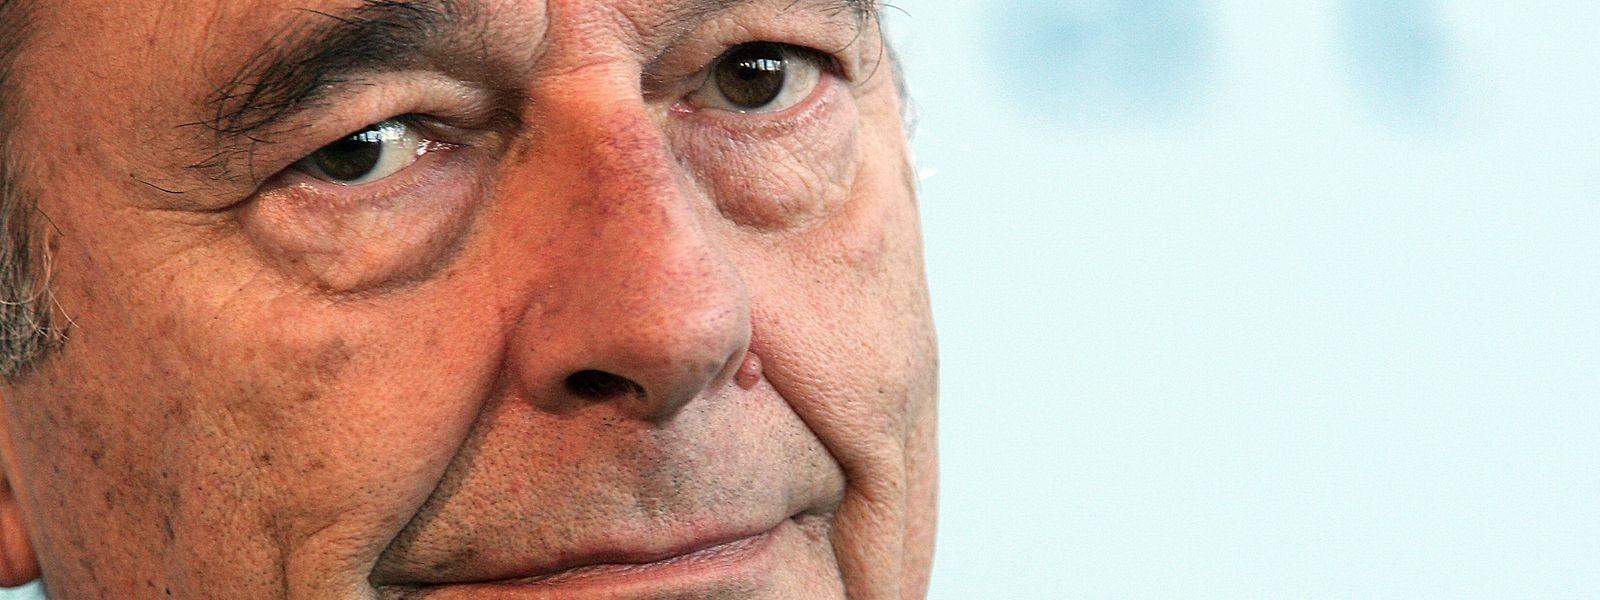 Jacques Chirac est décédé ce jeudi a annoncé sa famille.